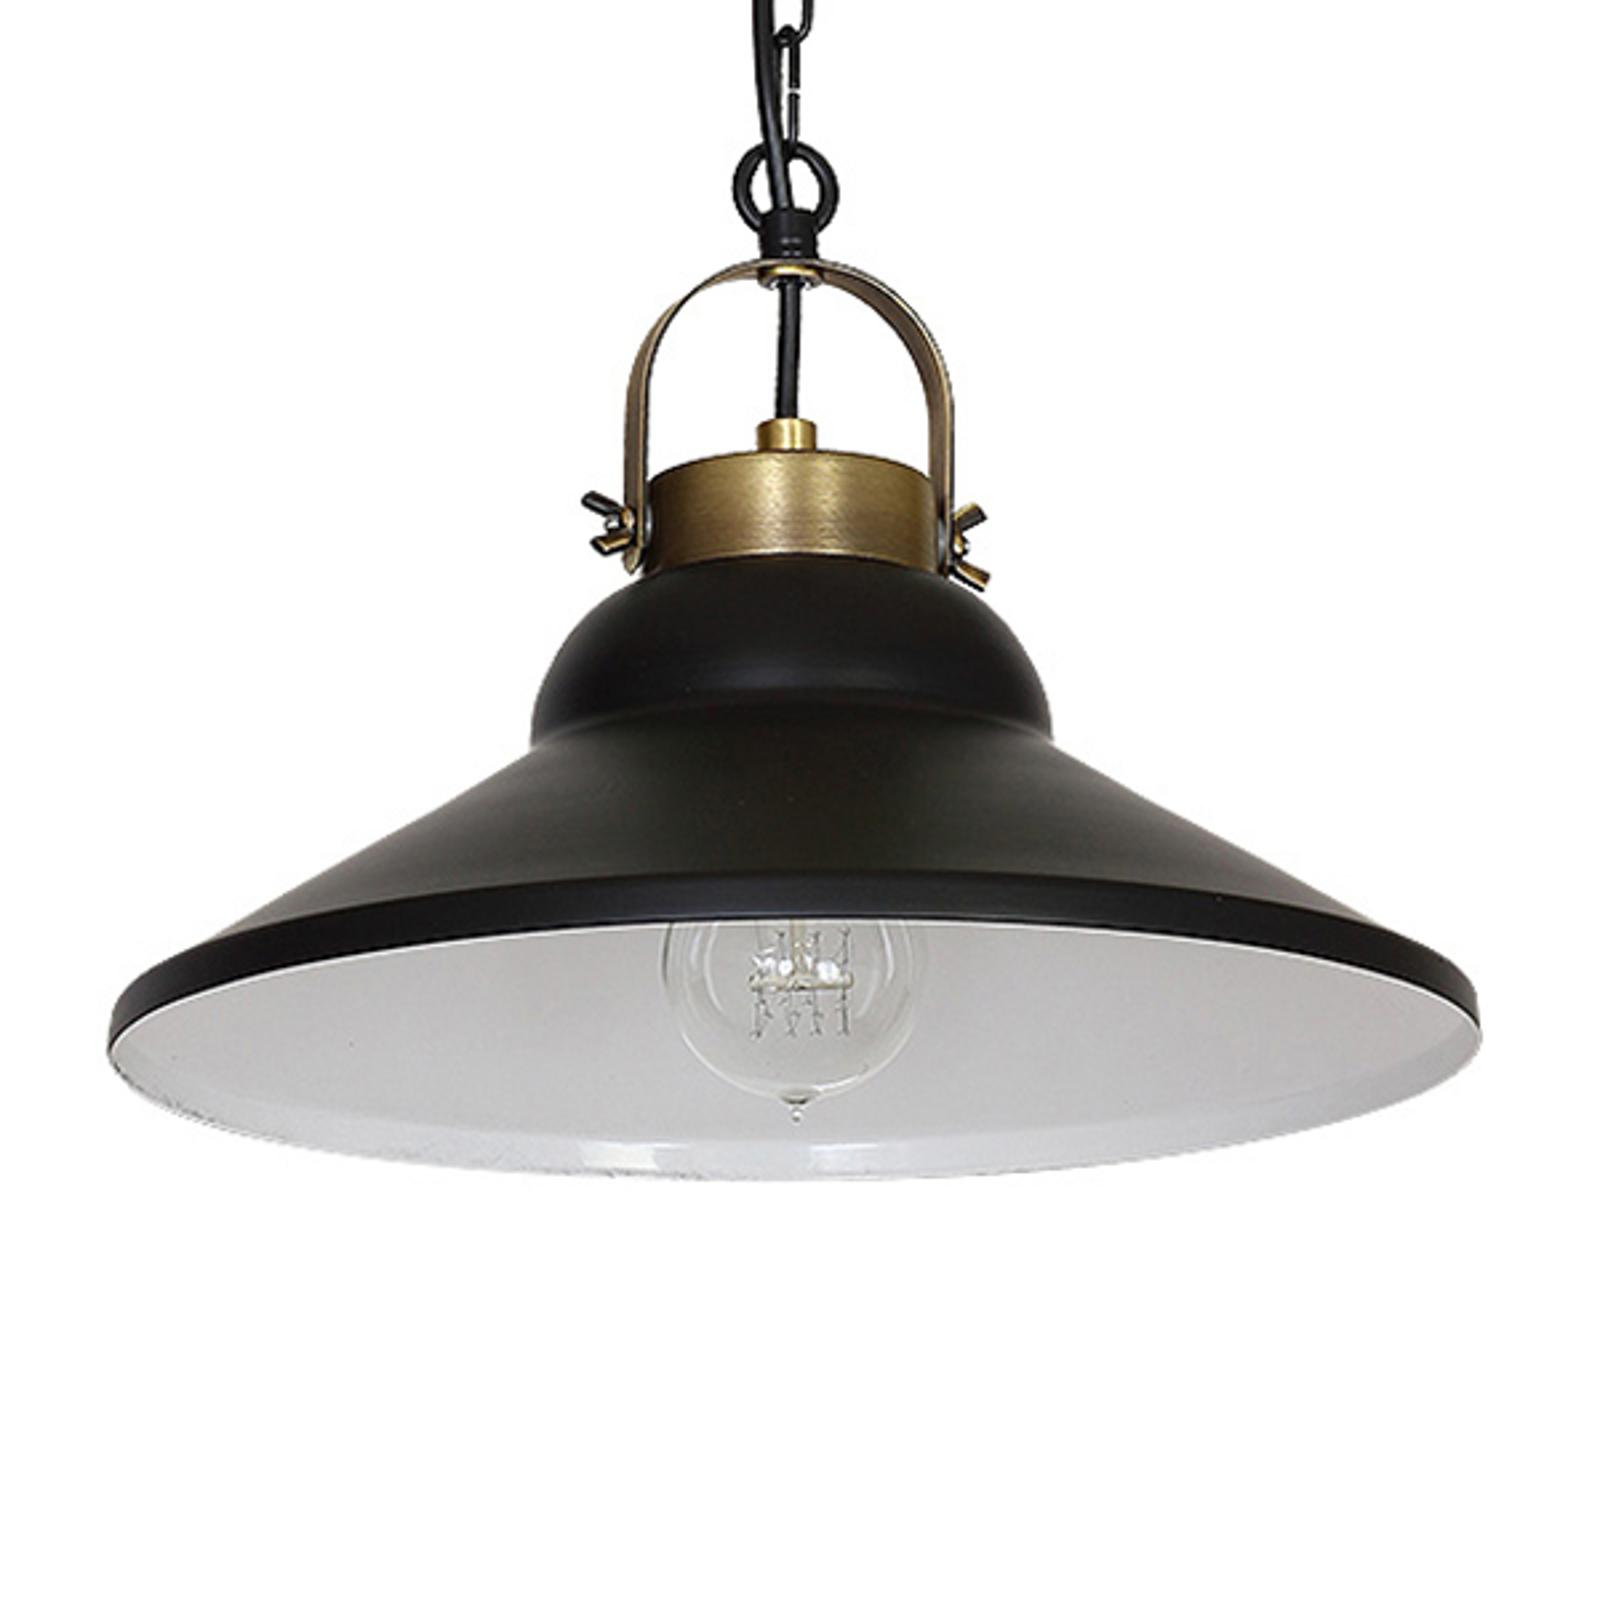 Lampa wisząca Iron, czarna/biała/mosiądz antyczny